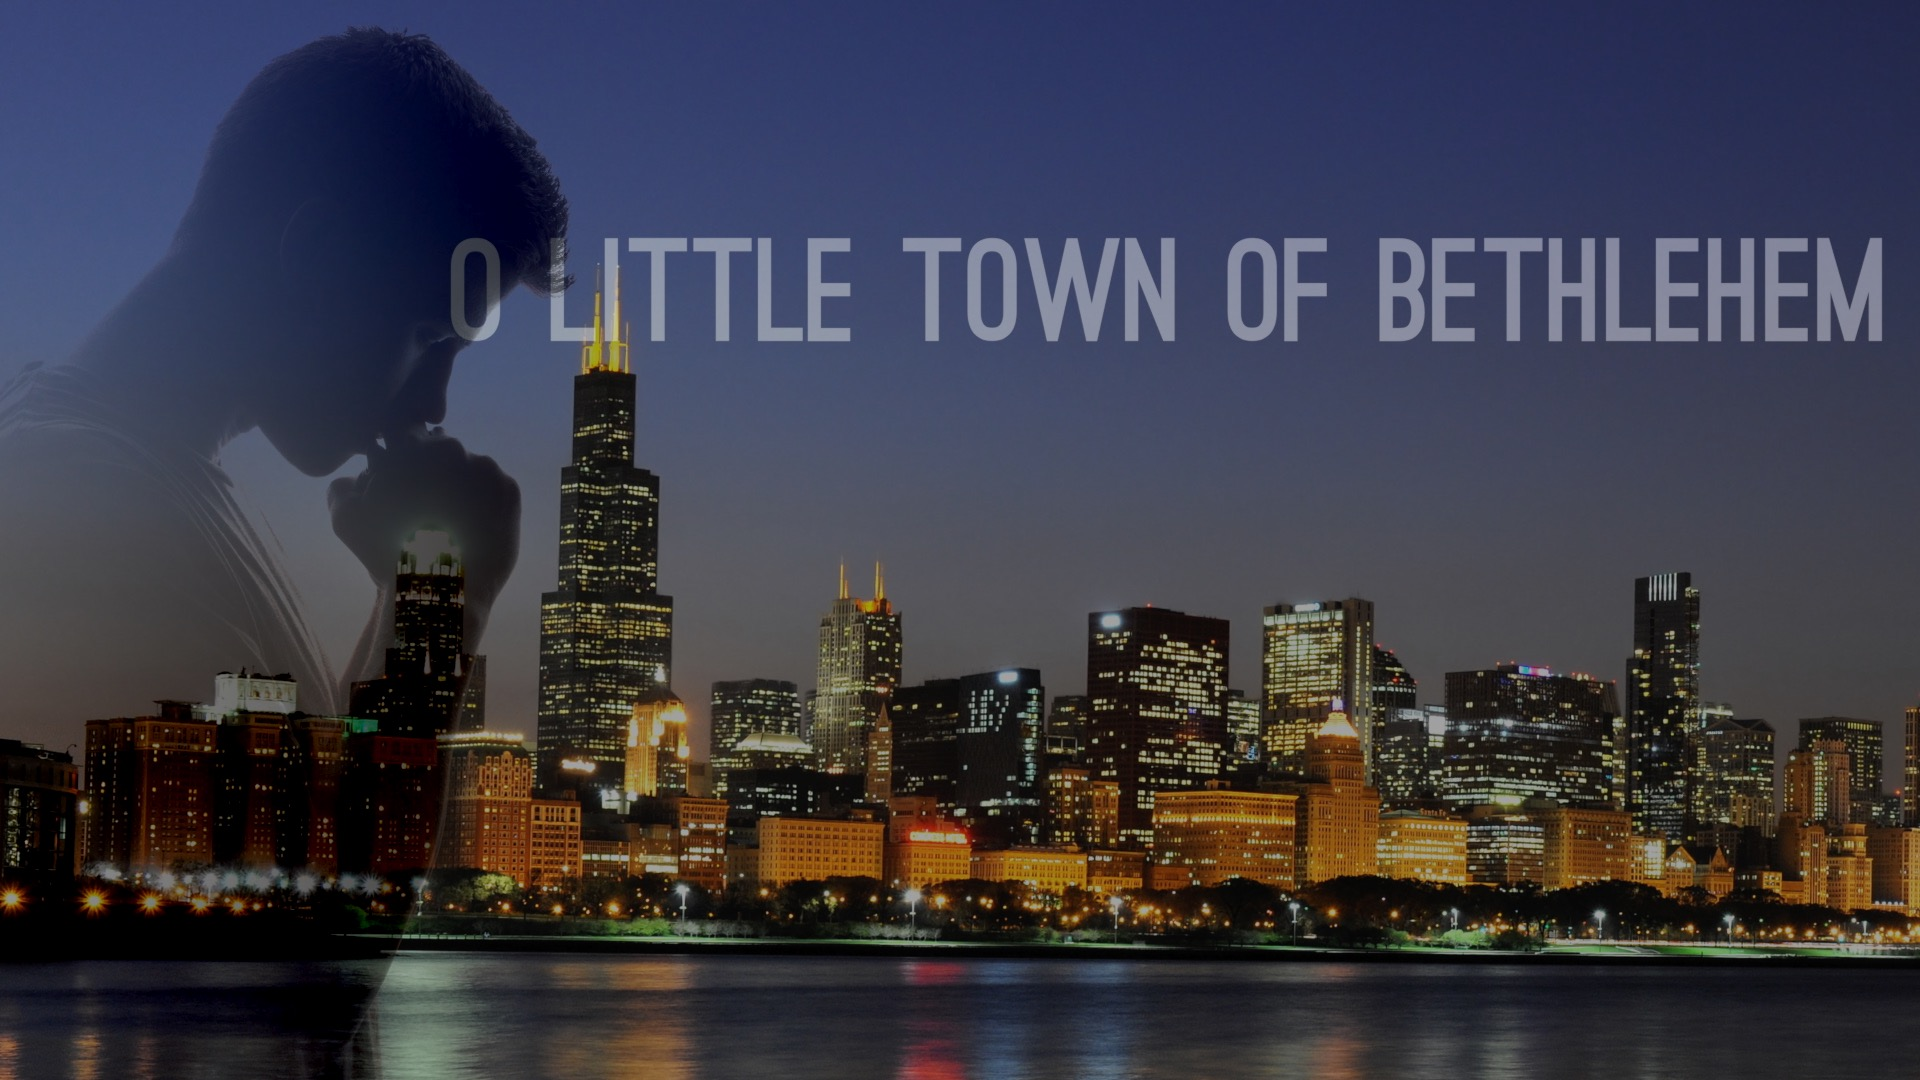 NEW* Spoken Word – O Little Town of Bethlehem